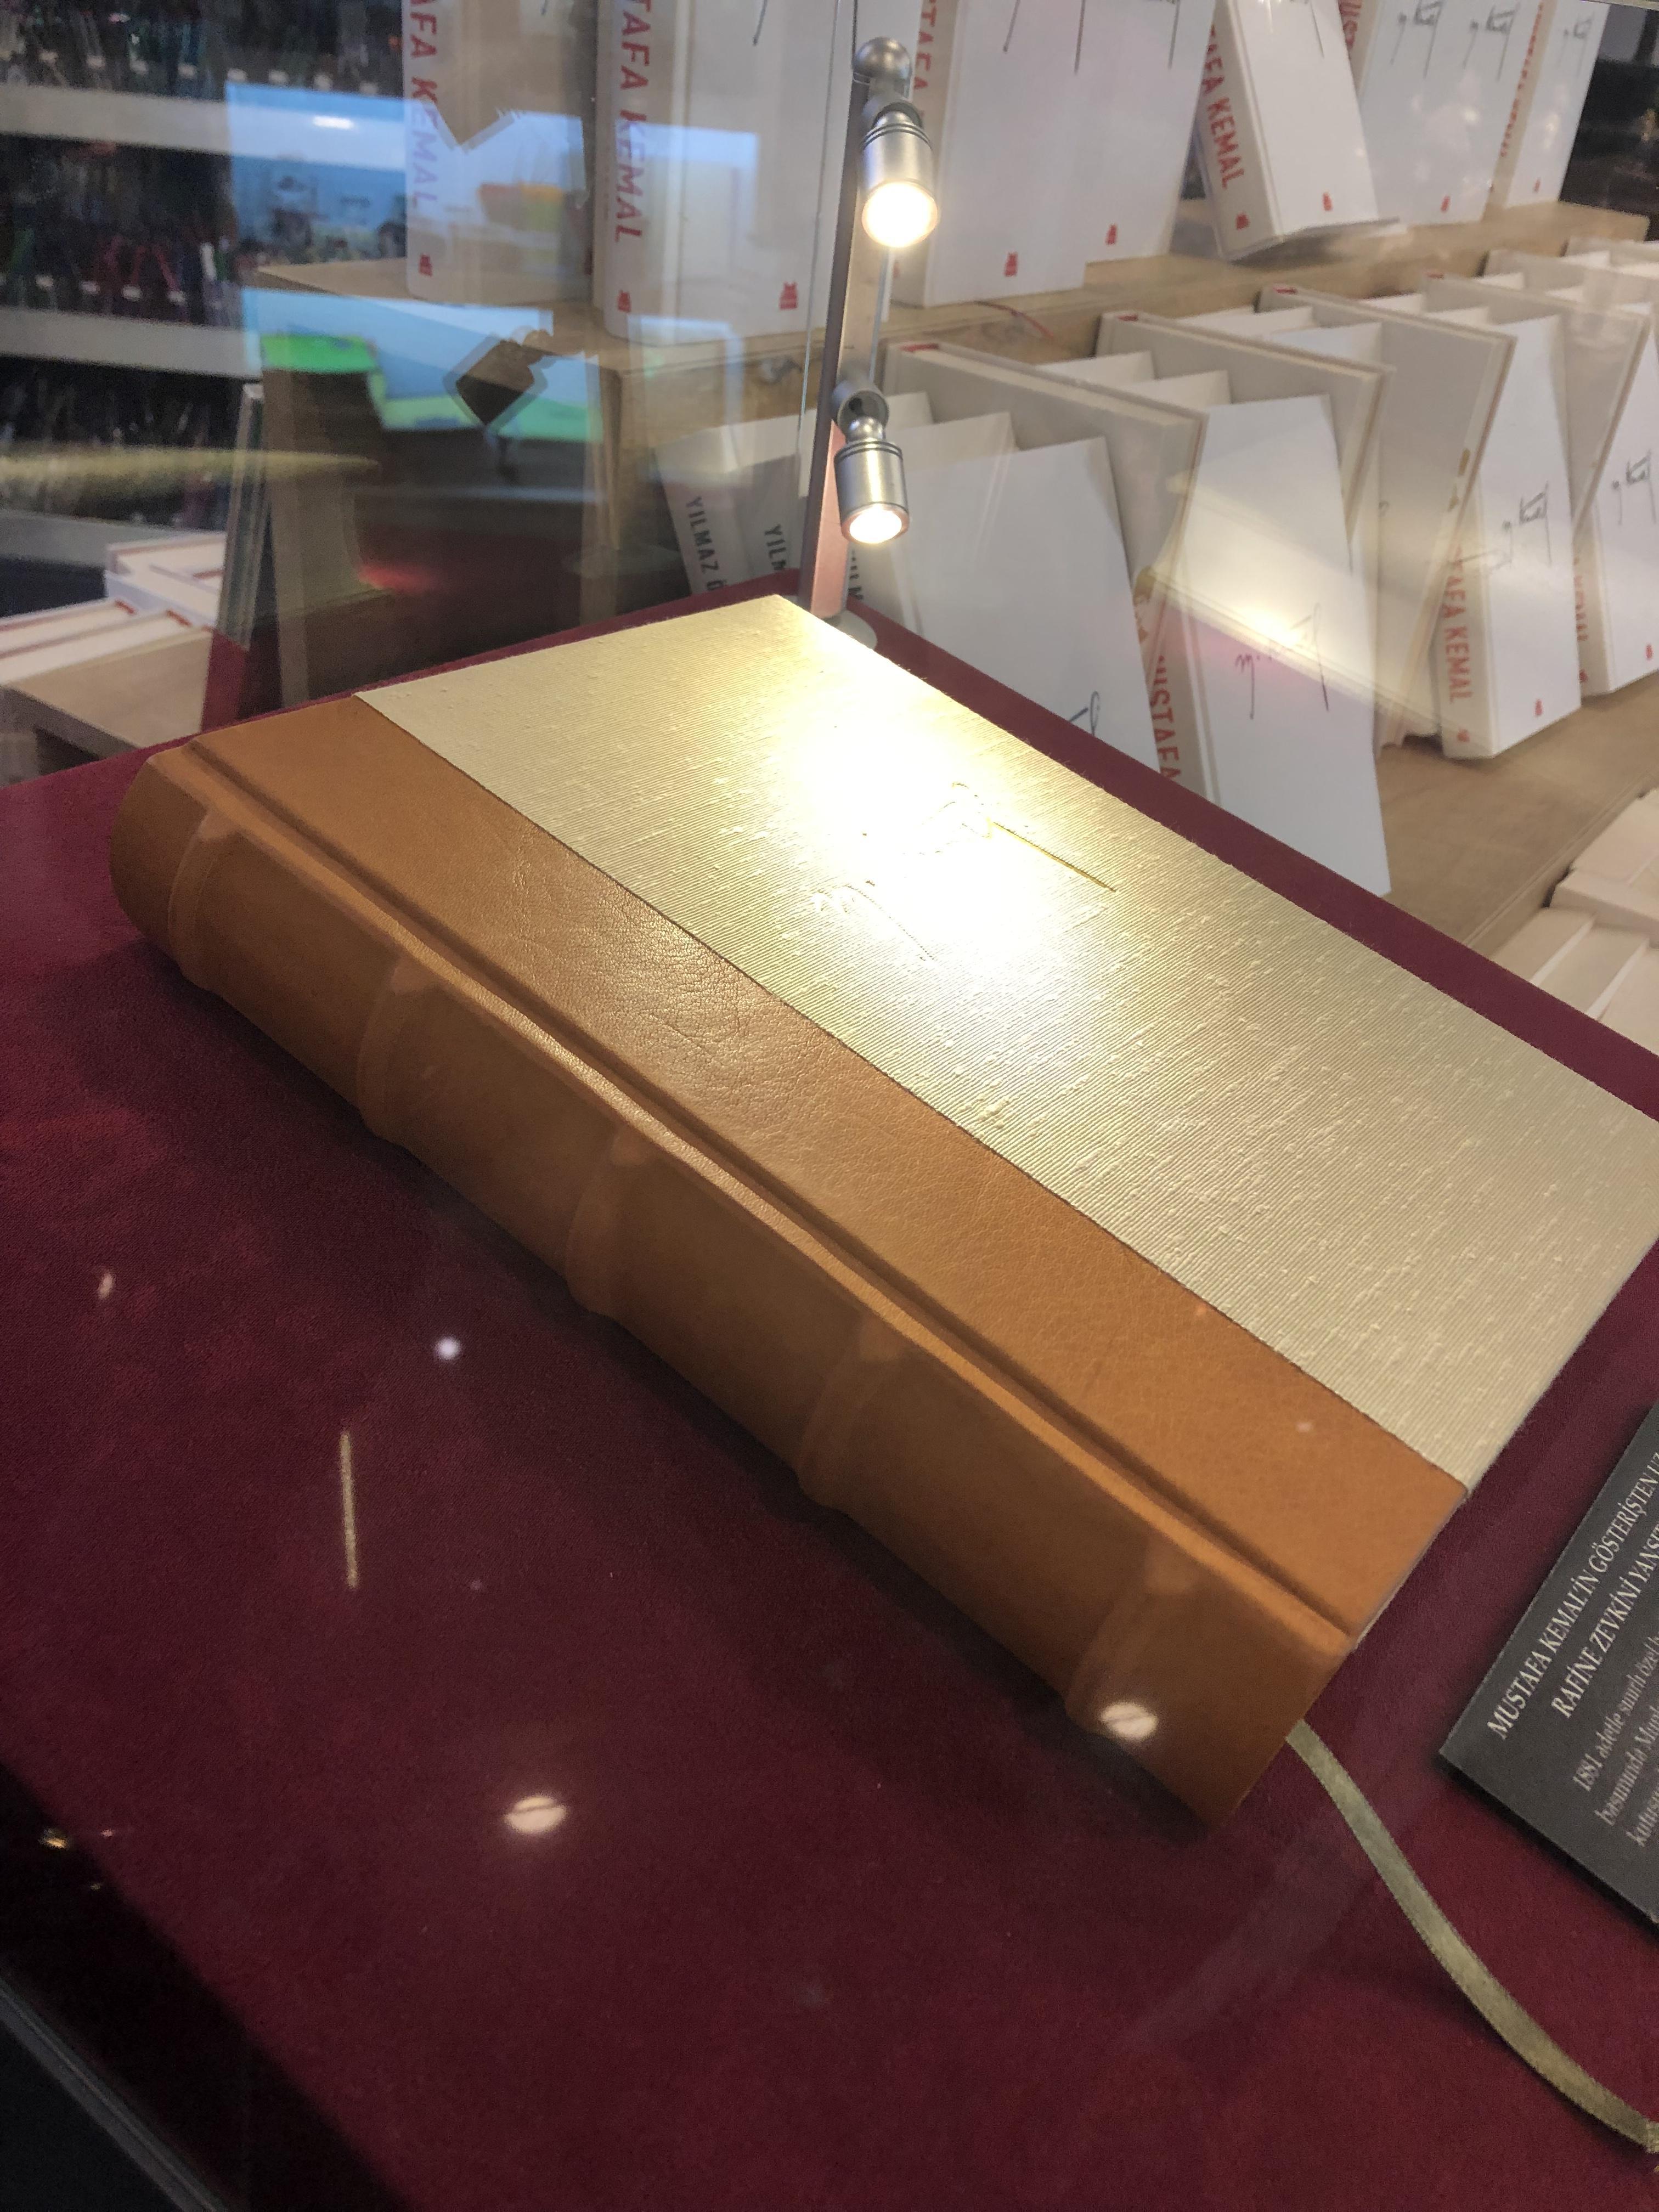 2500 tl lik atatürk kitabını ciddi ciddi savunmak